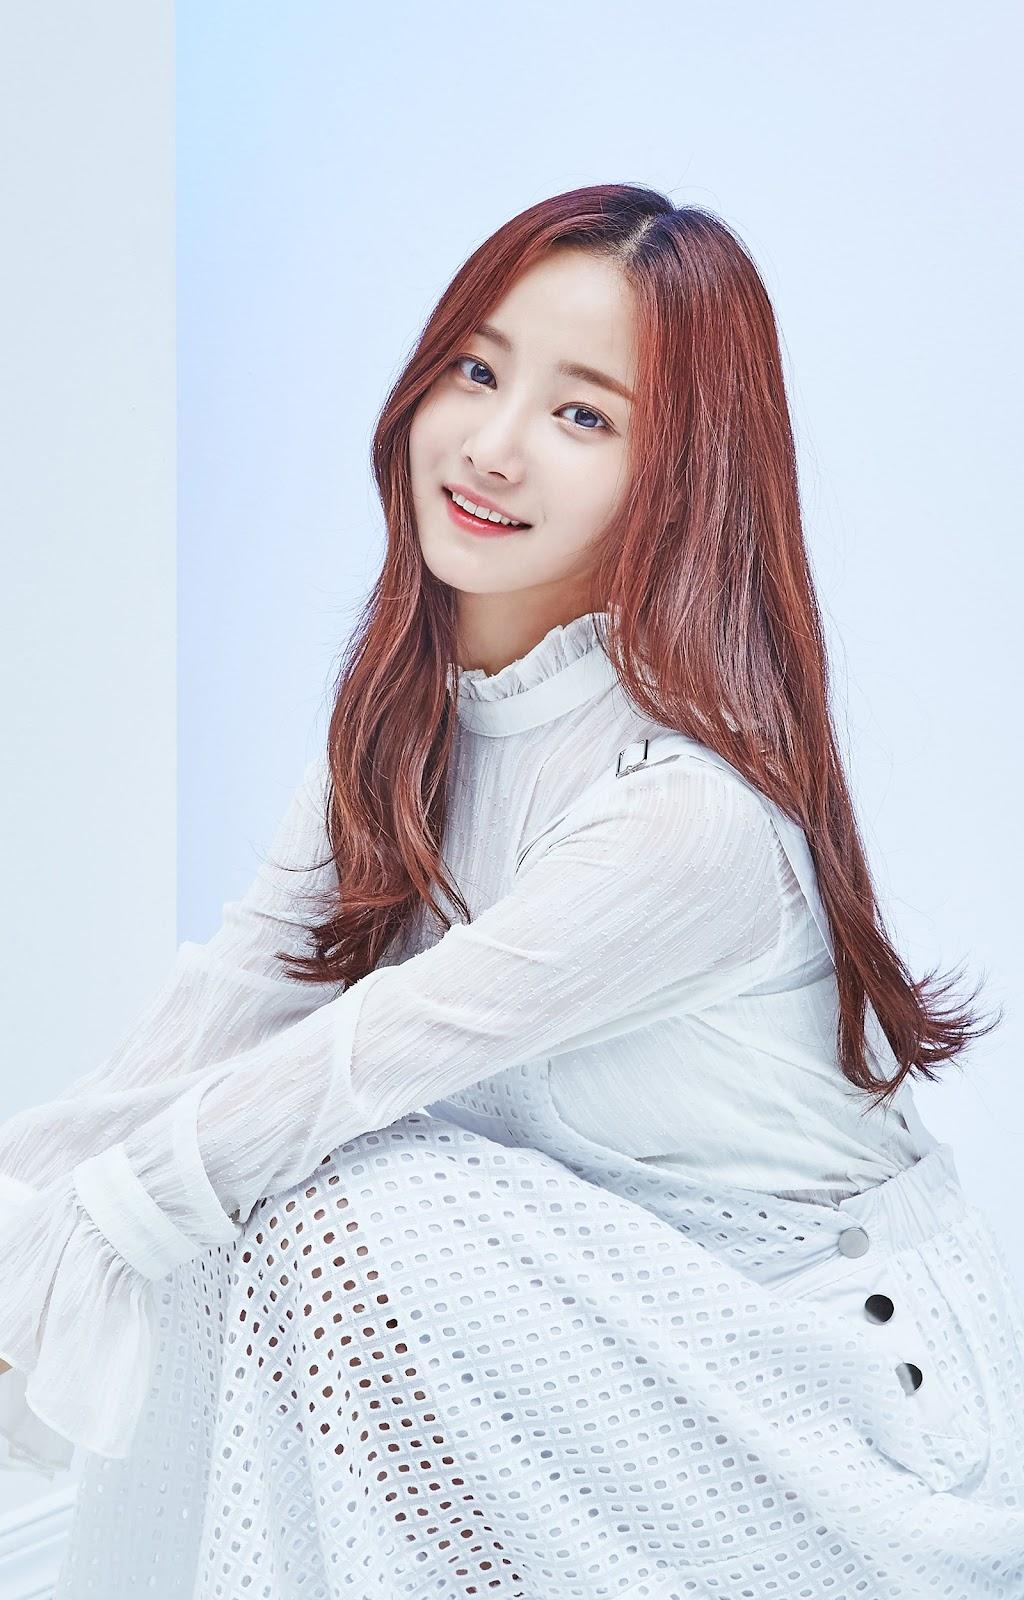 Biodata lengkap kim ah joong dating 1